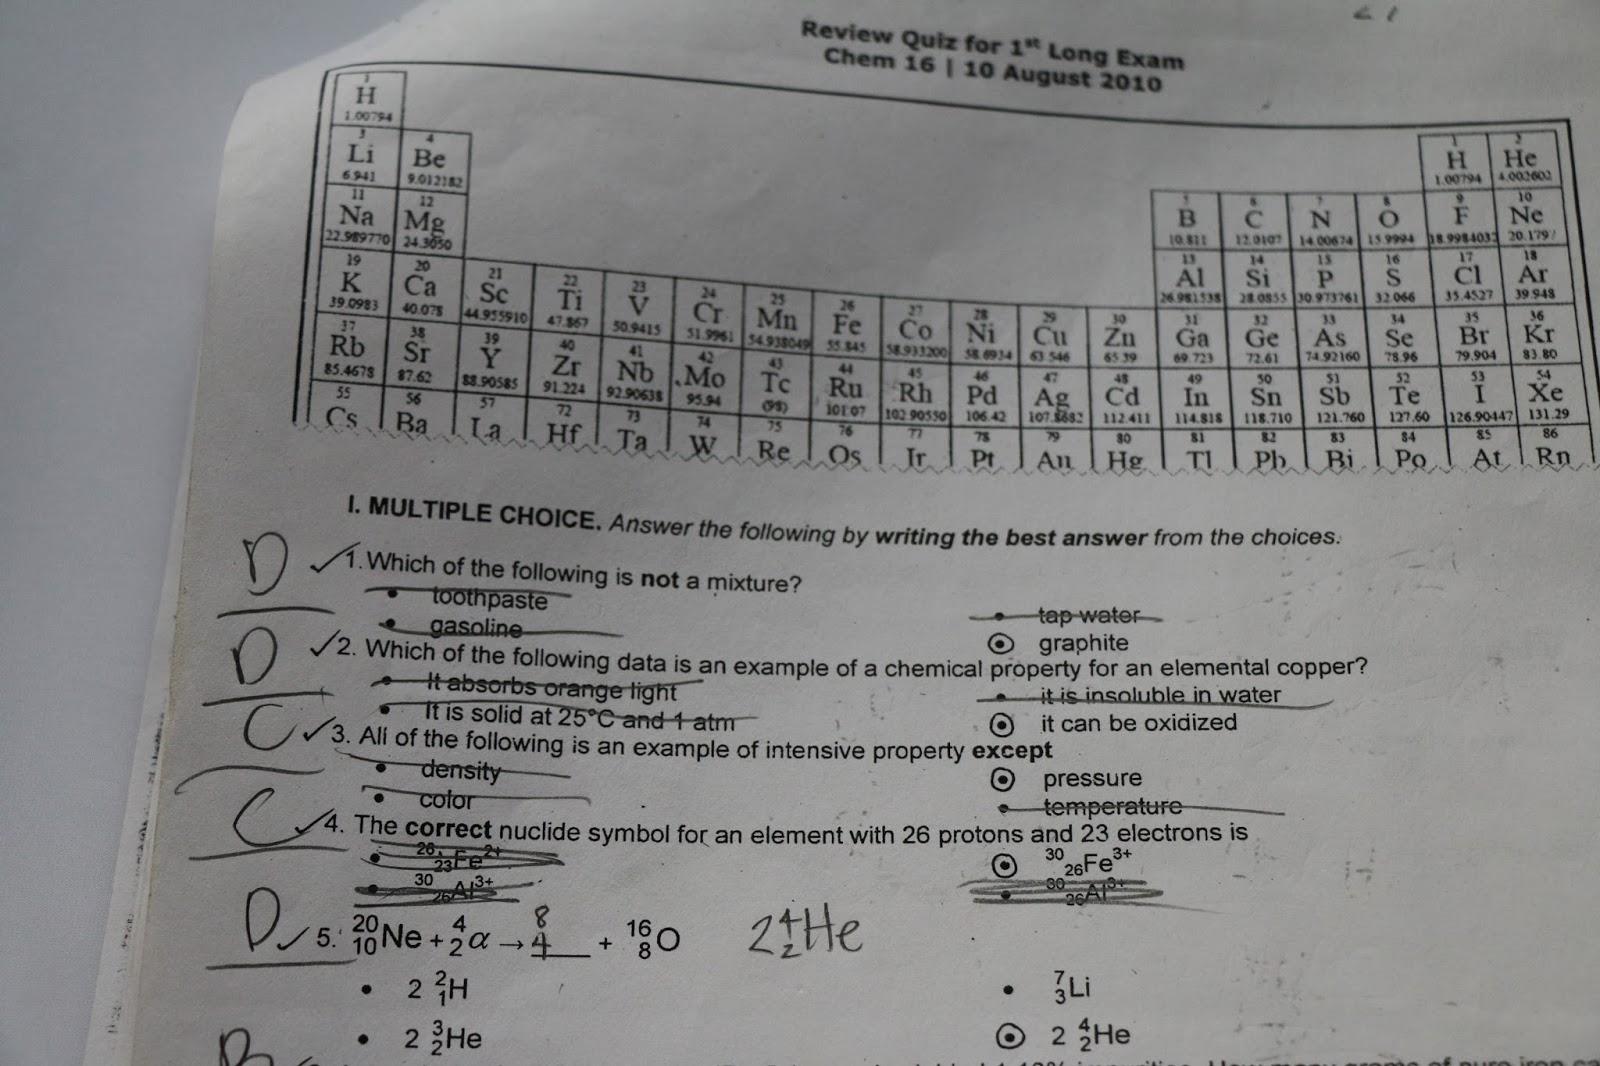 Chem 17 Third Exam Reviewer